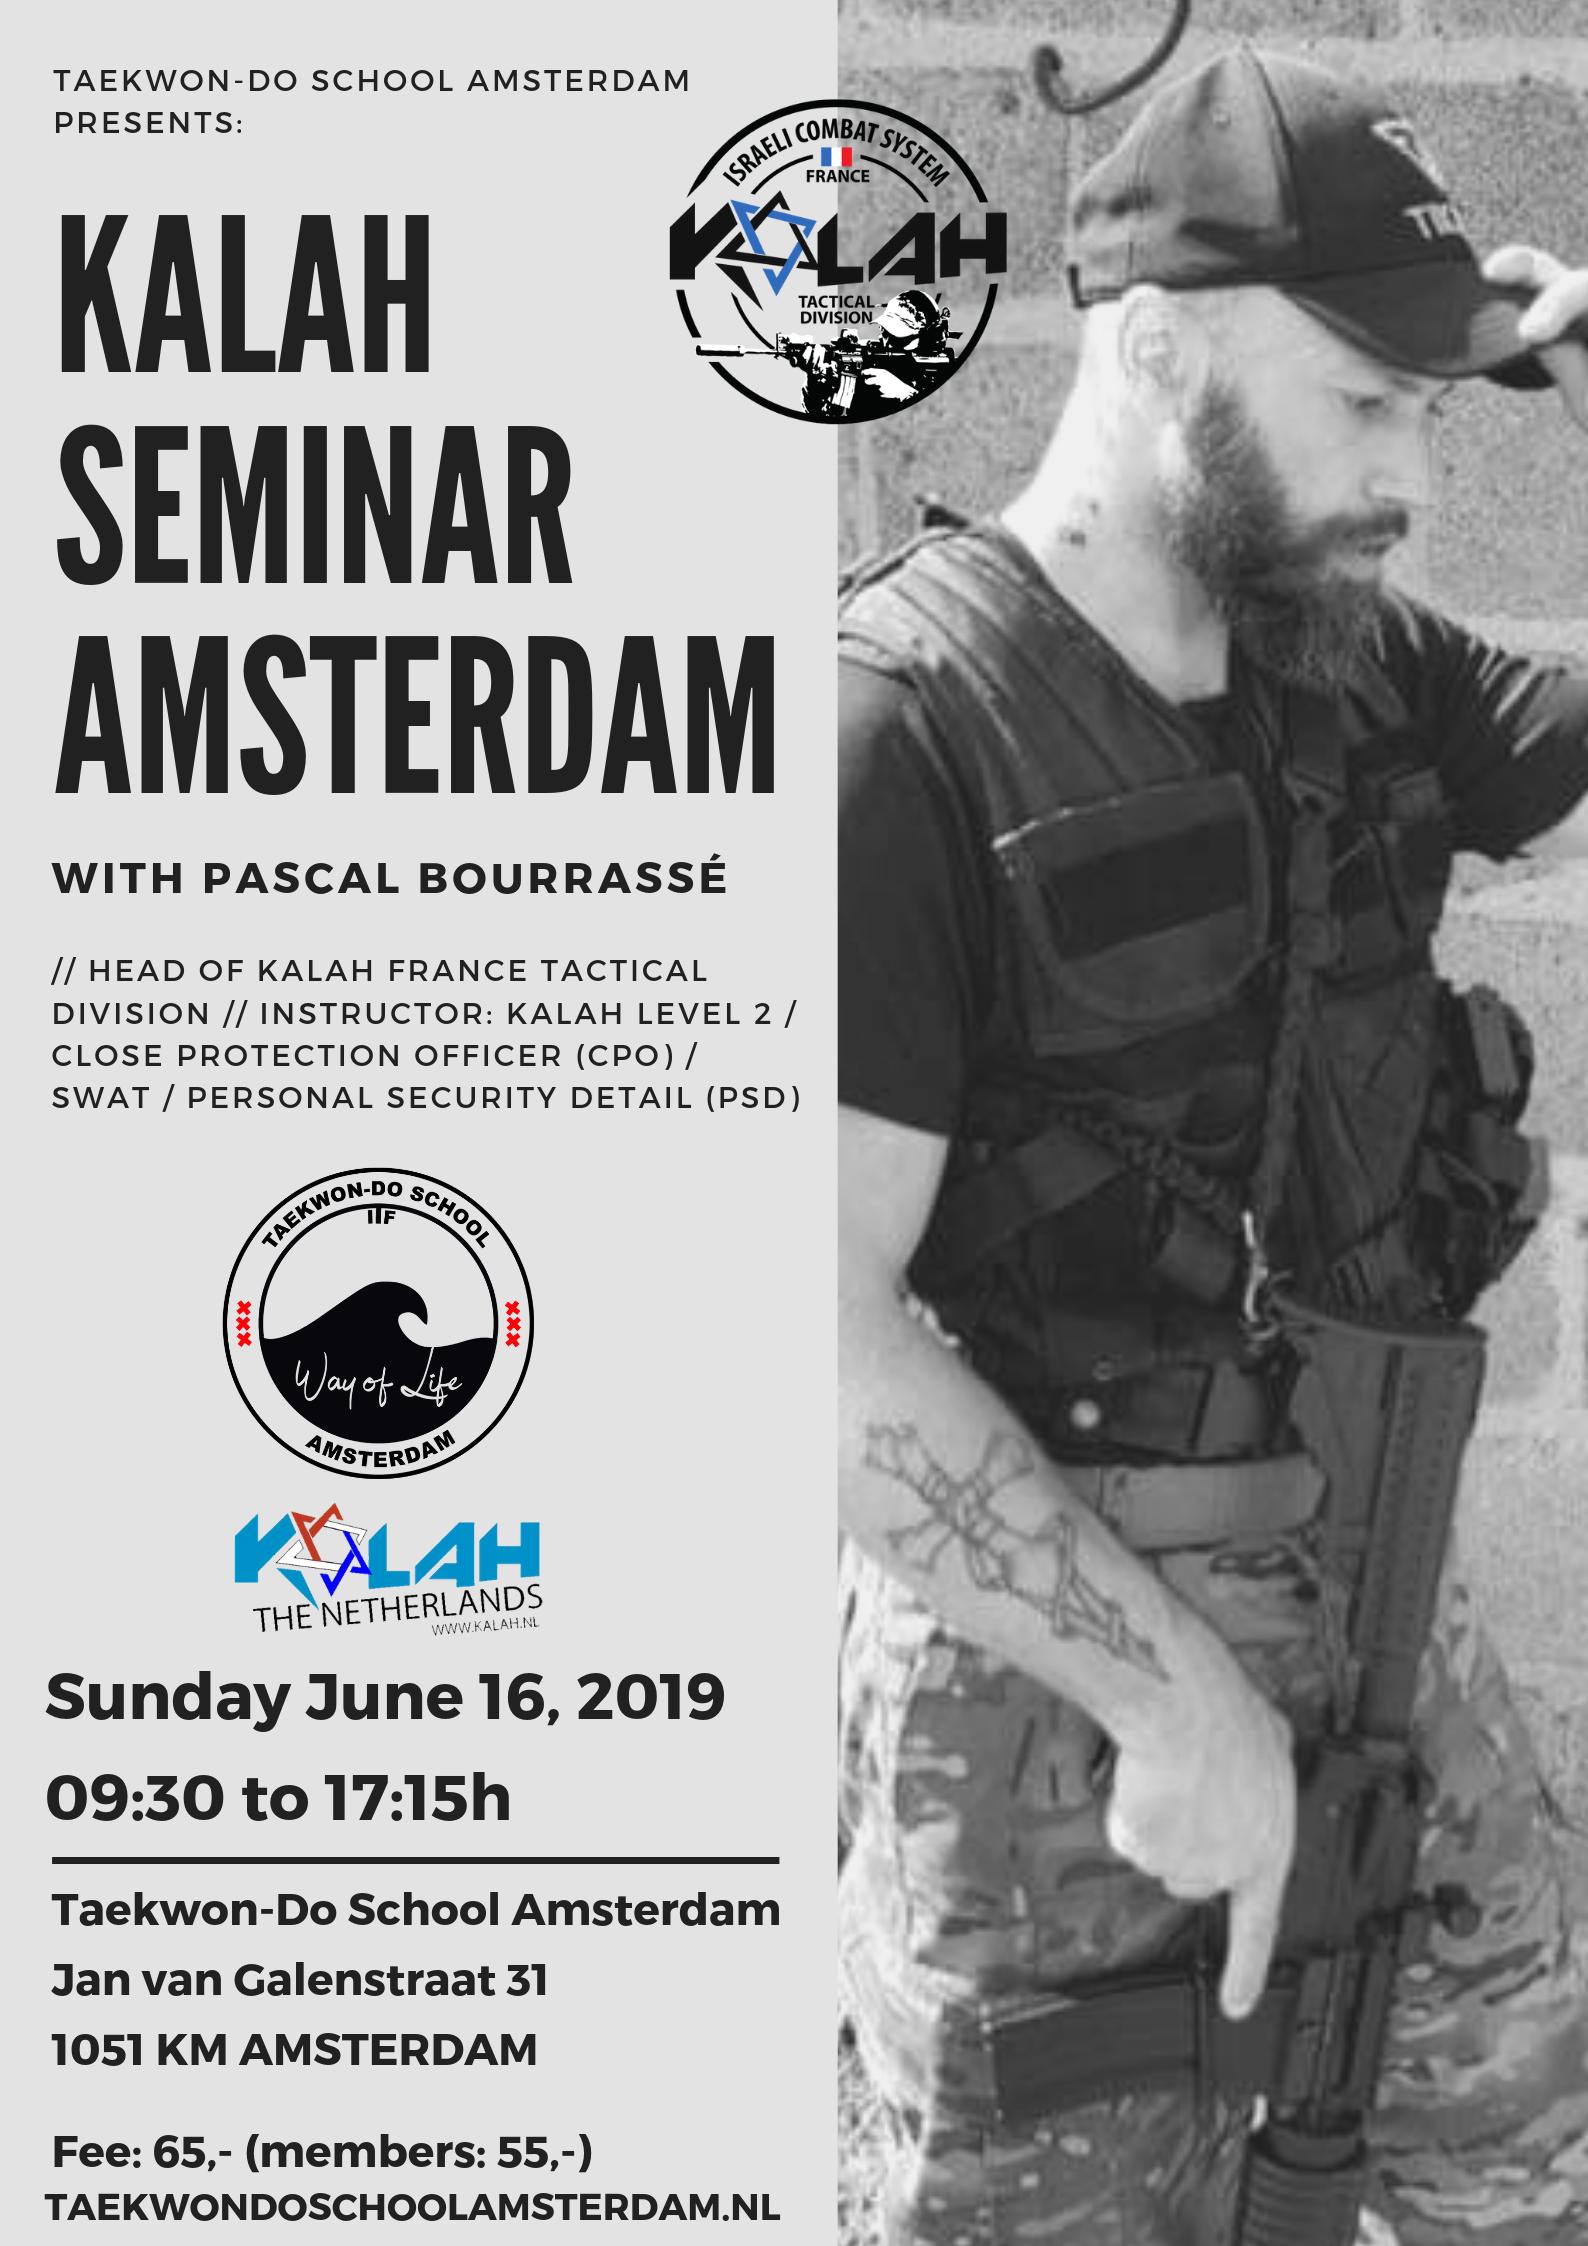 Kalah Seminar Amsterdam met Pascal Bourrassé